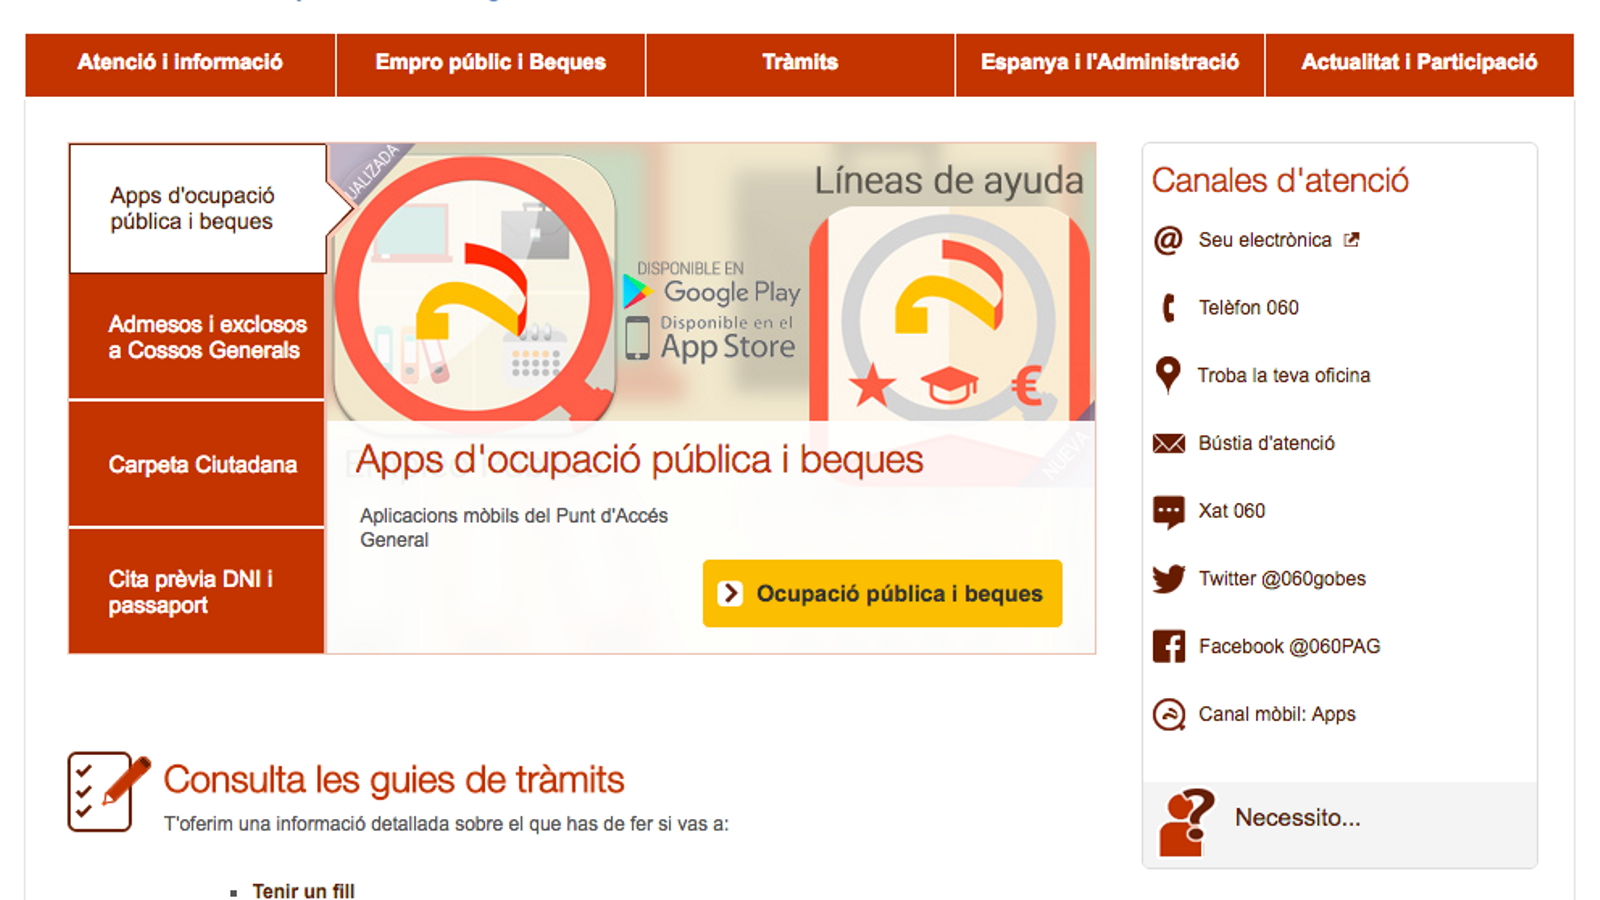 La pàgina d'accés general a l'administració, amb faltes d'ortografia.